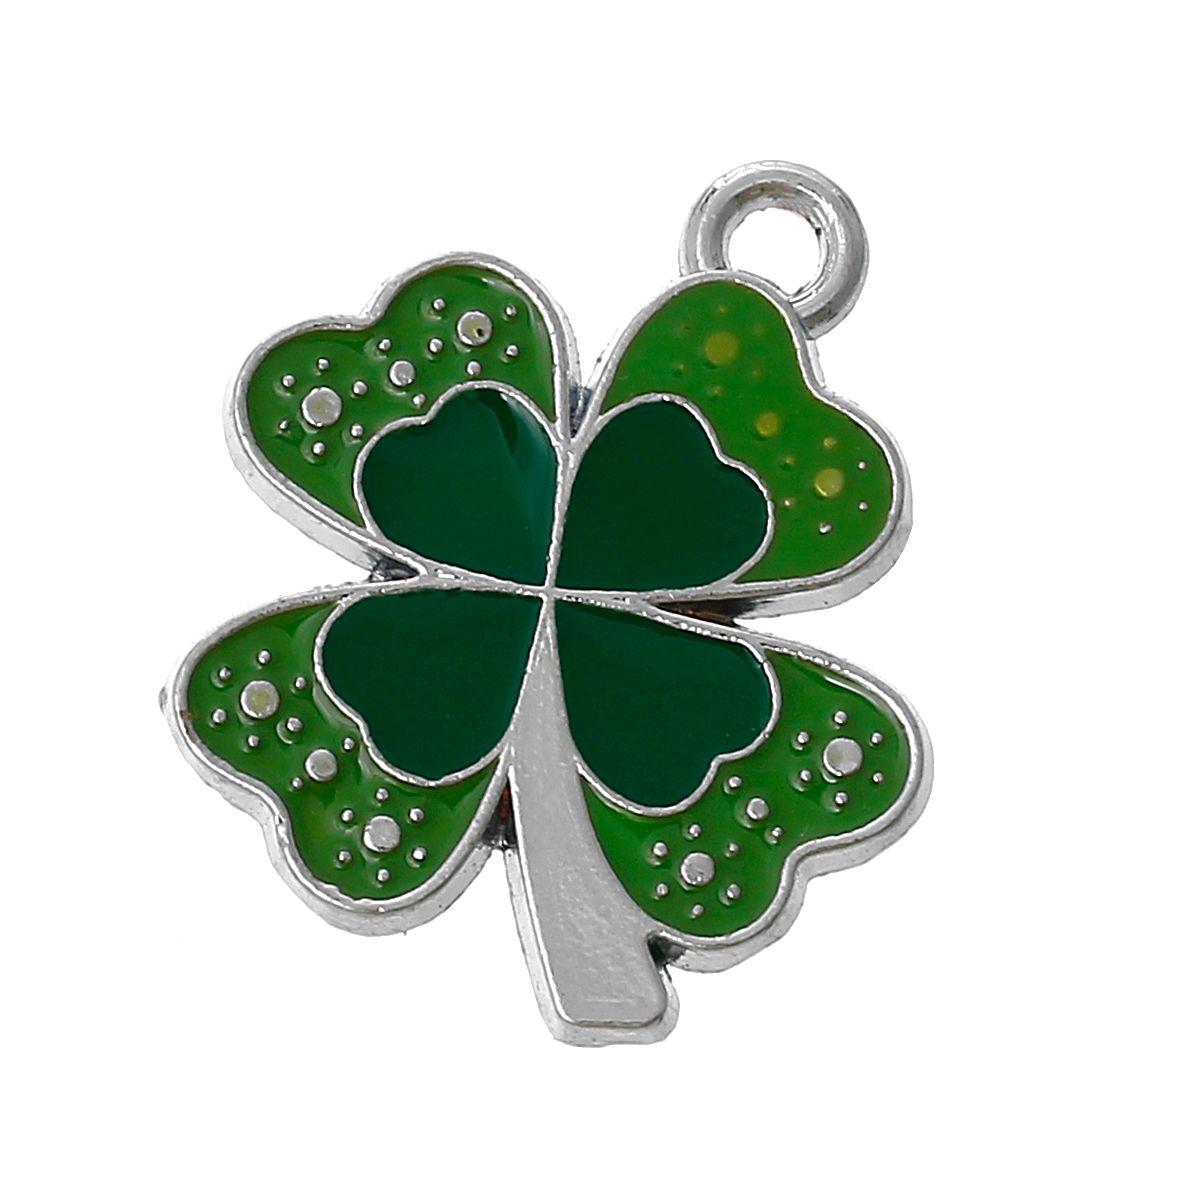 Silver & Green Enamel 4 Leaf Clover / Shamrock  4 @ £ 1.55 http://www.wickedprincessbeads.co.uk/